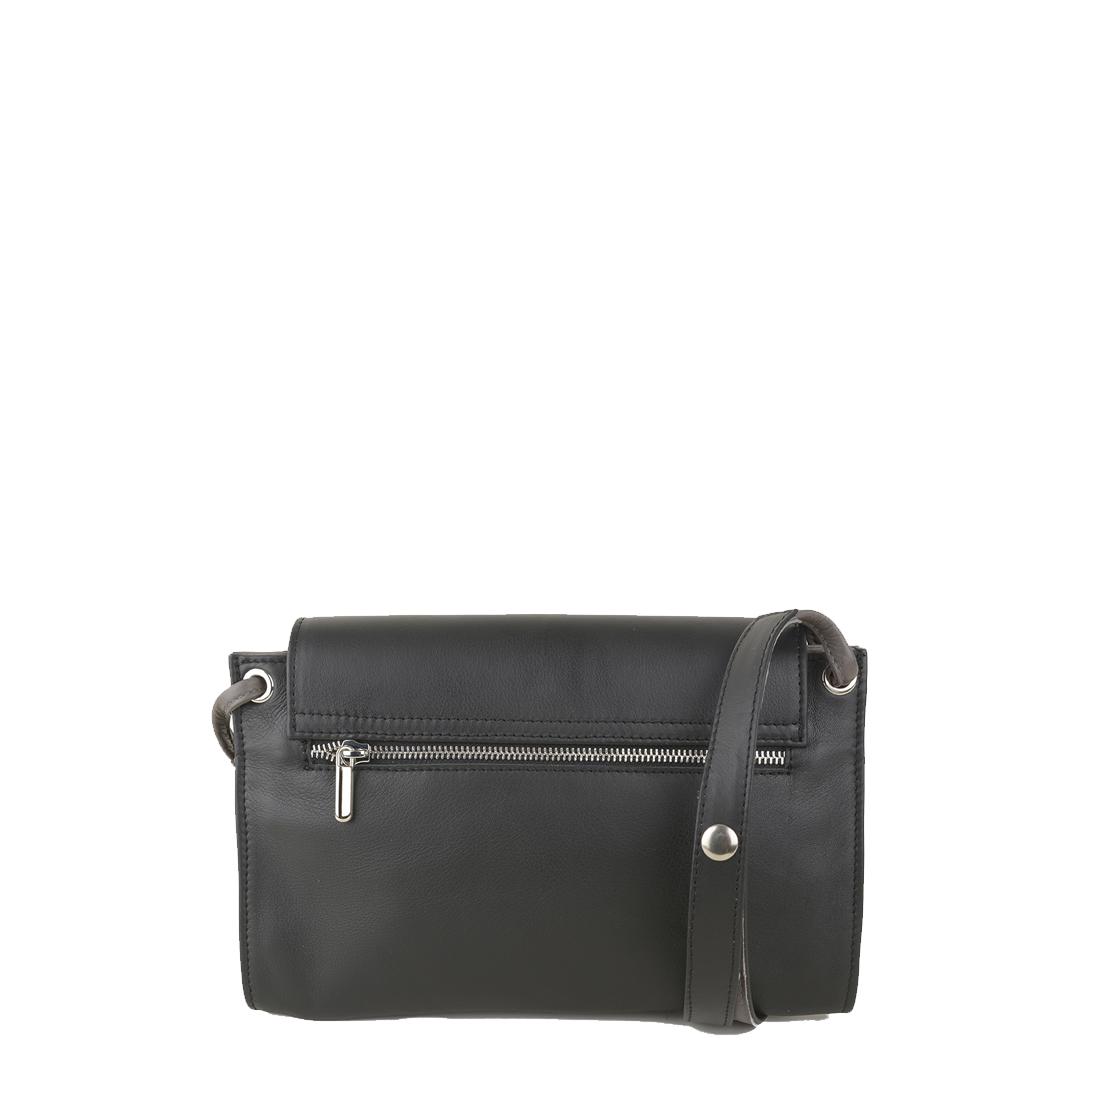 Isobel Black Grigio Leather Across Body Bag